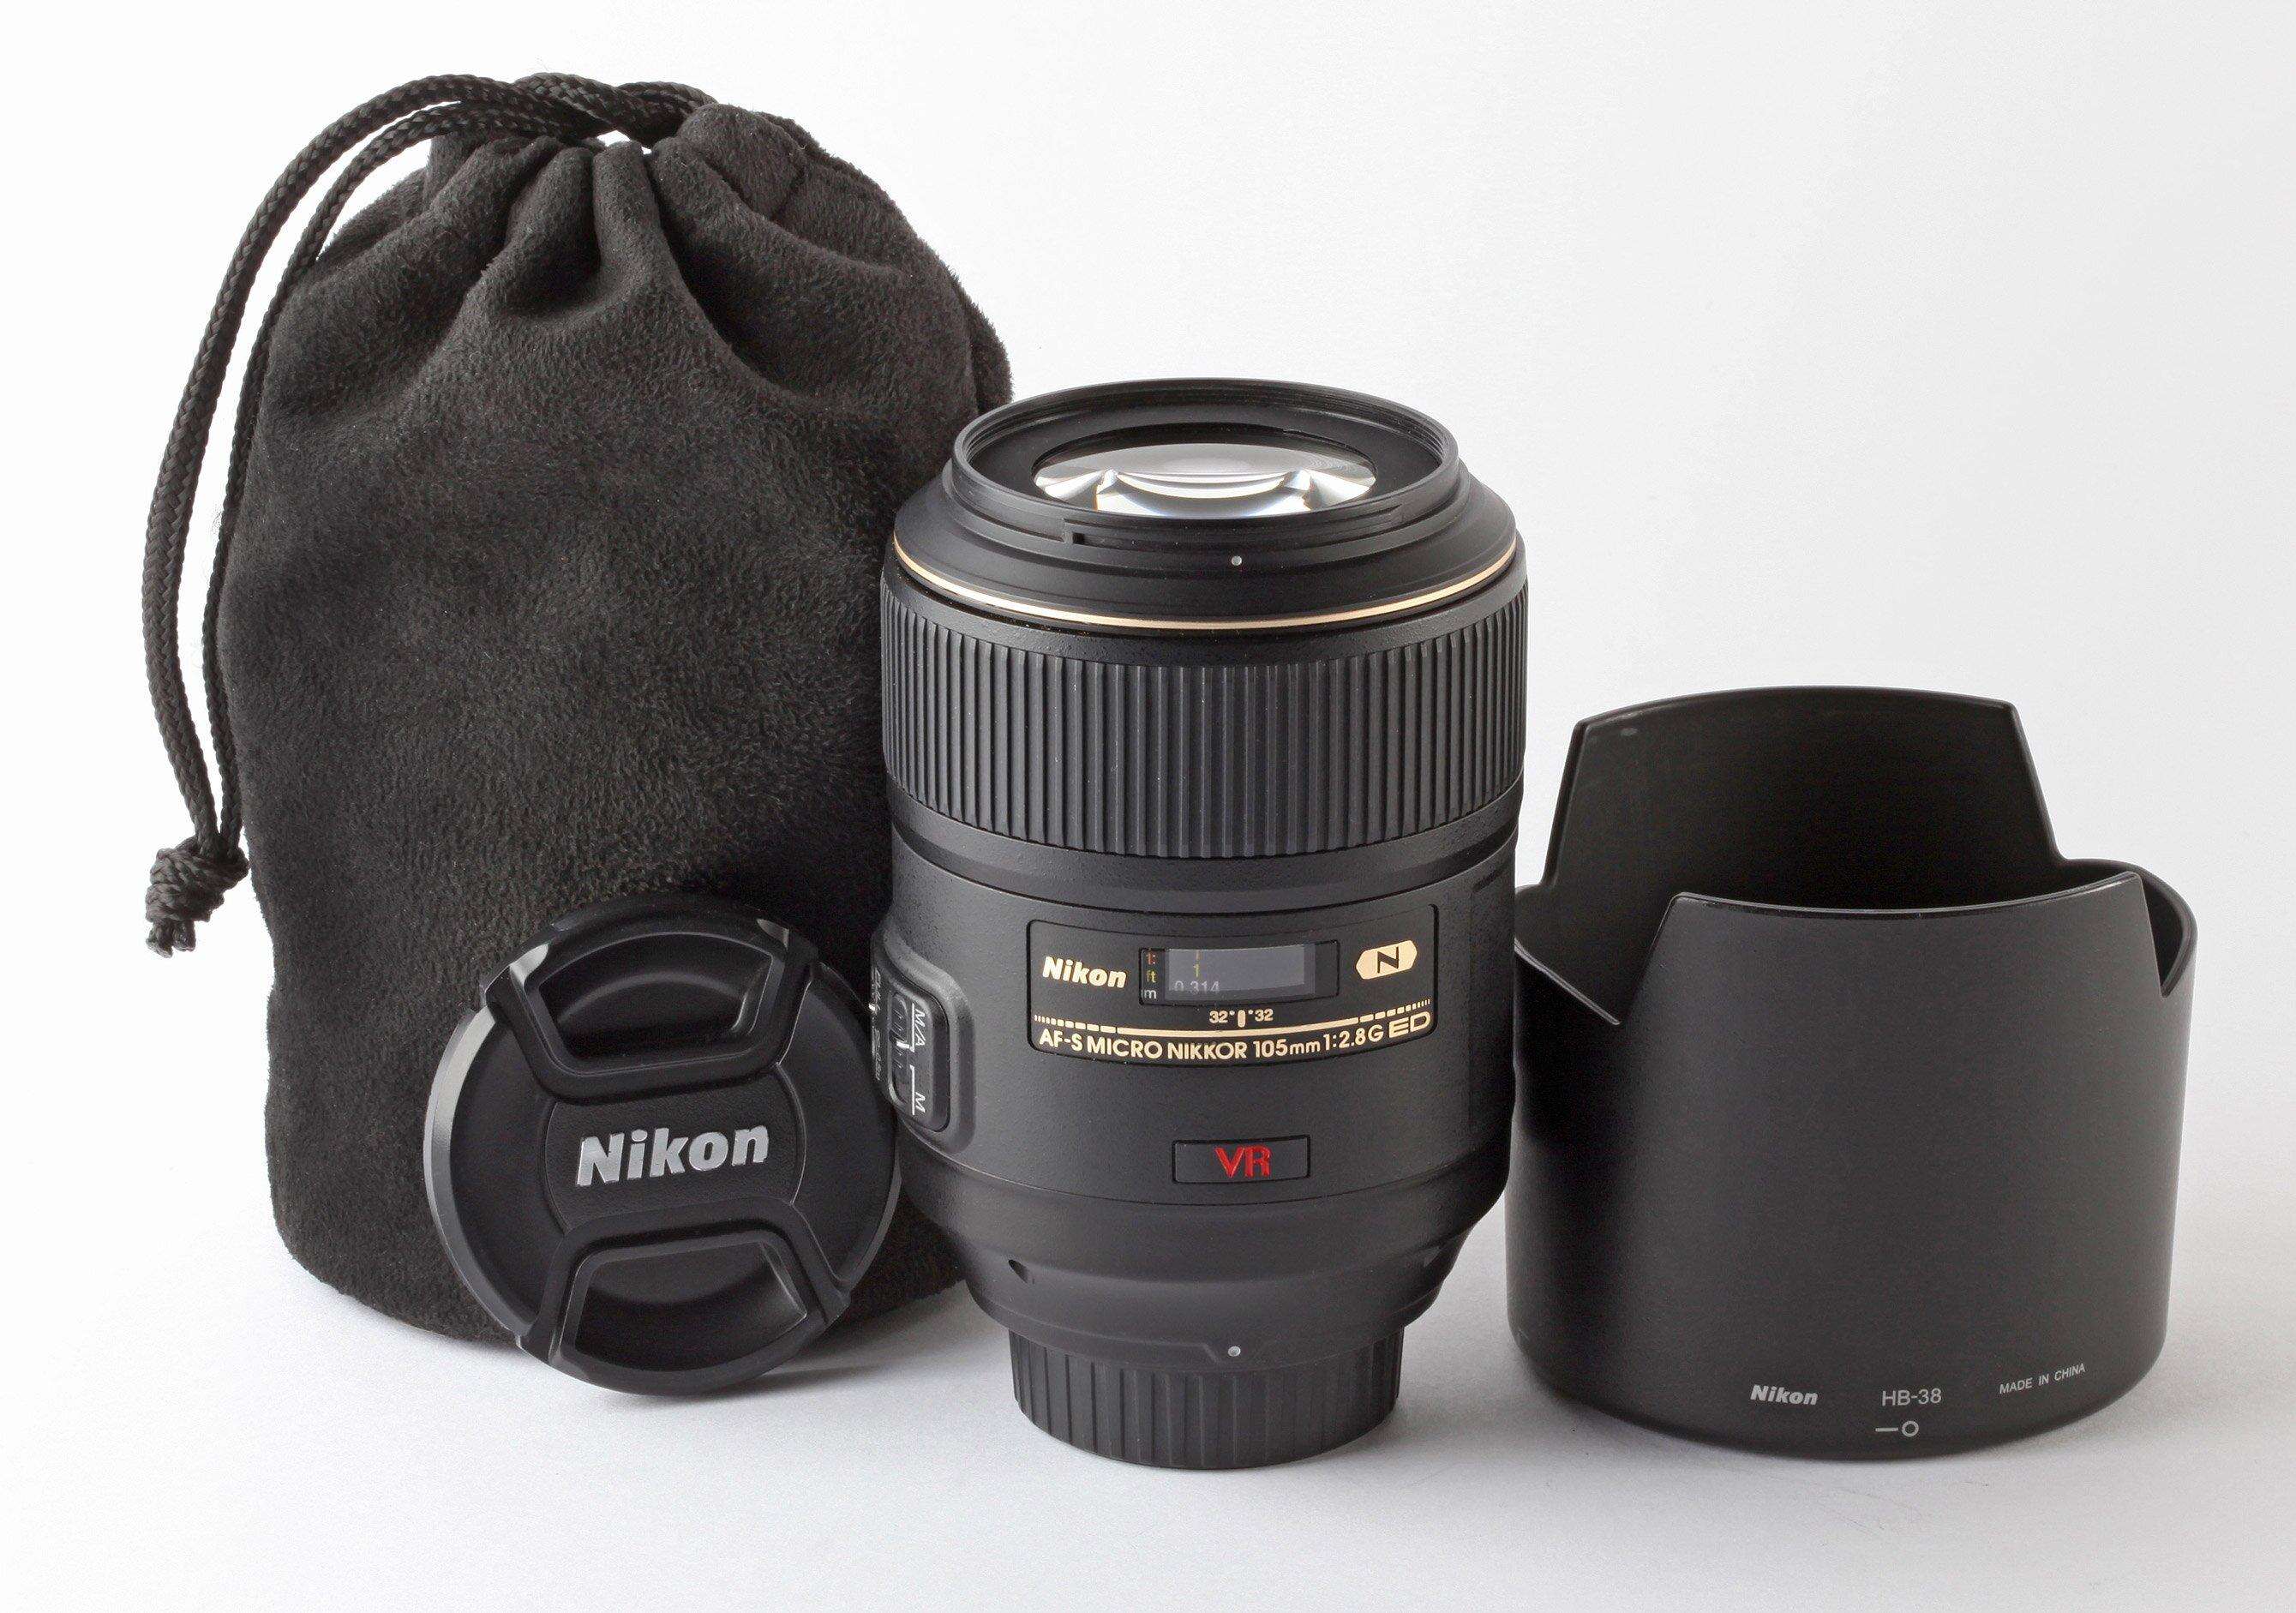 Nikon AF-S Mikkor 105mm/2,8GED